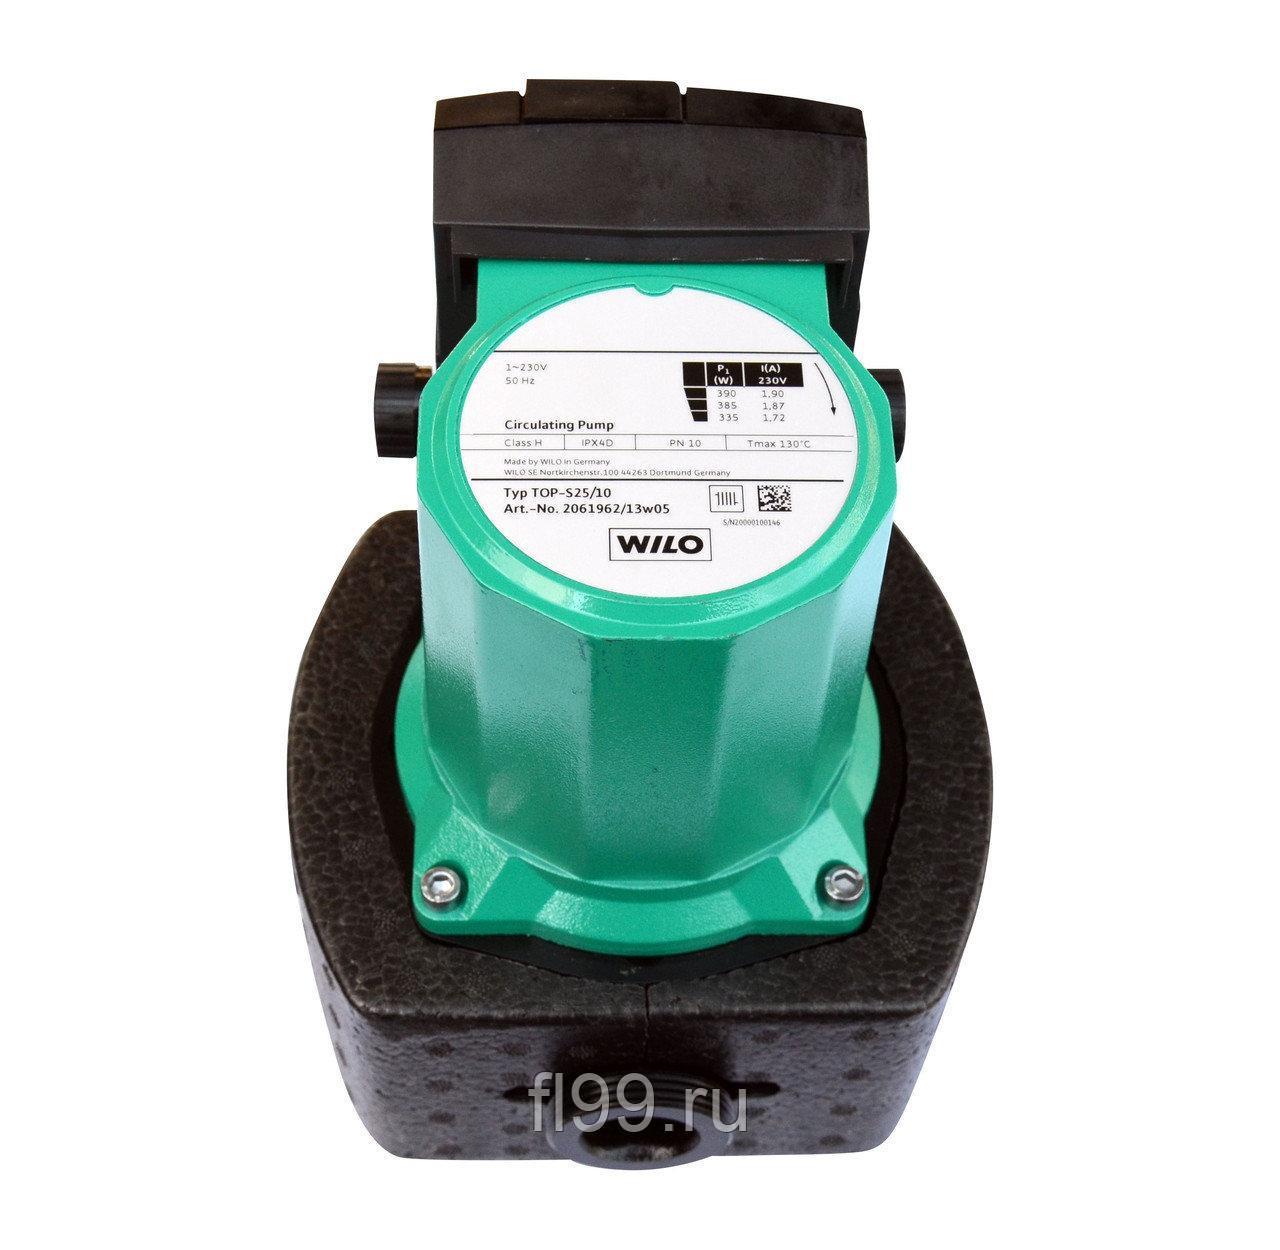 Насос для отопления wilo: разновидности циркуляционных устройств, значение маркировки и характеристики